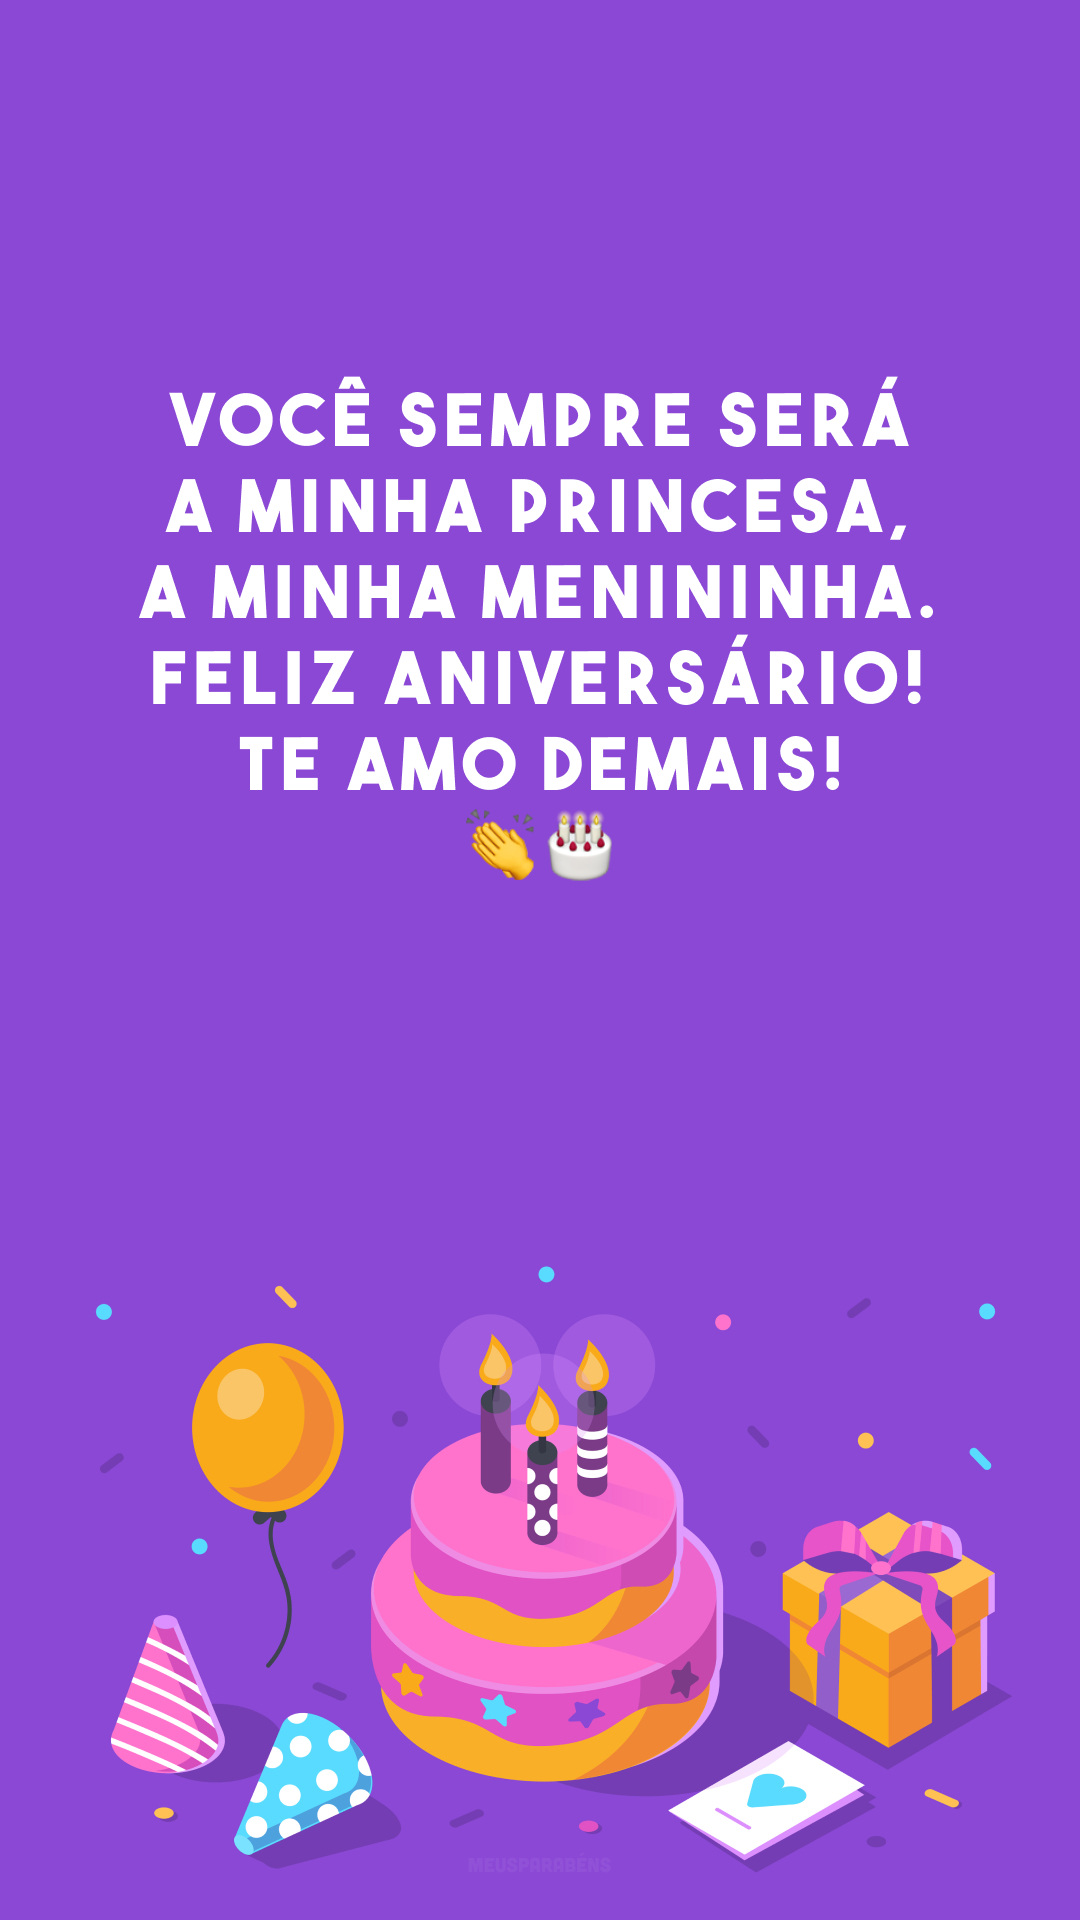 Você sempre será a minha princesa, a minha menininha. Feliz aniversário! Te amo demais! 👏🎂